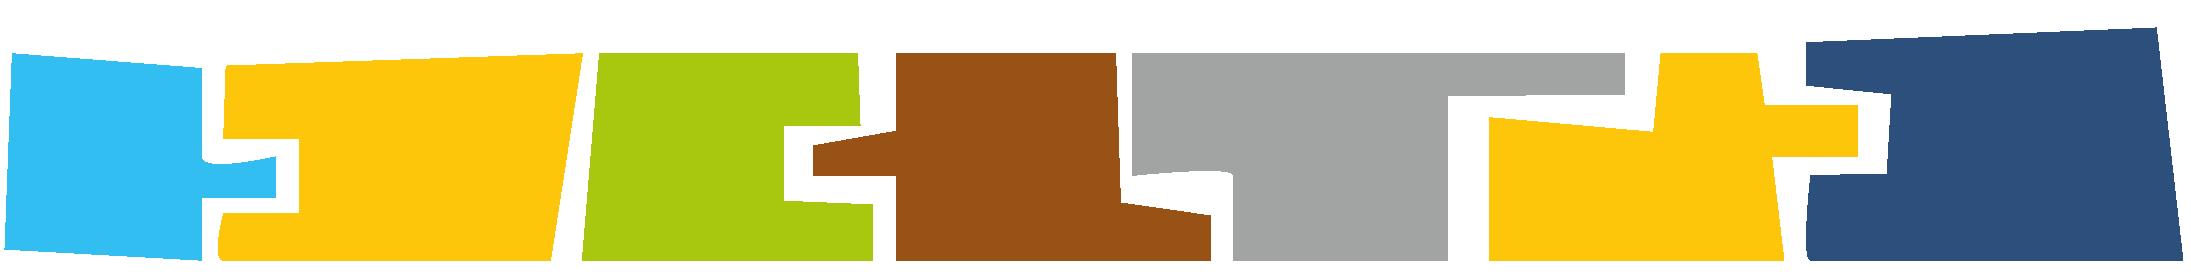 15_zeichenflche-1-kopie-14